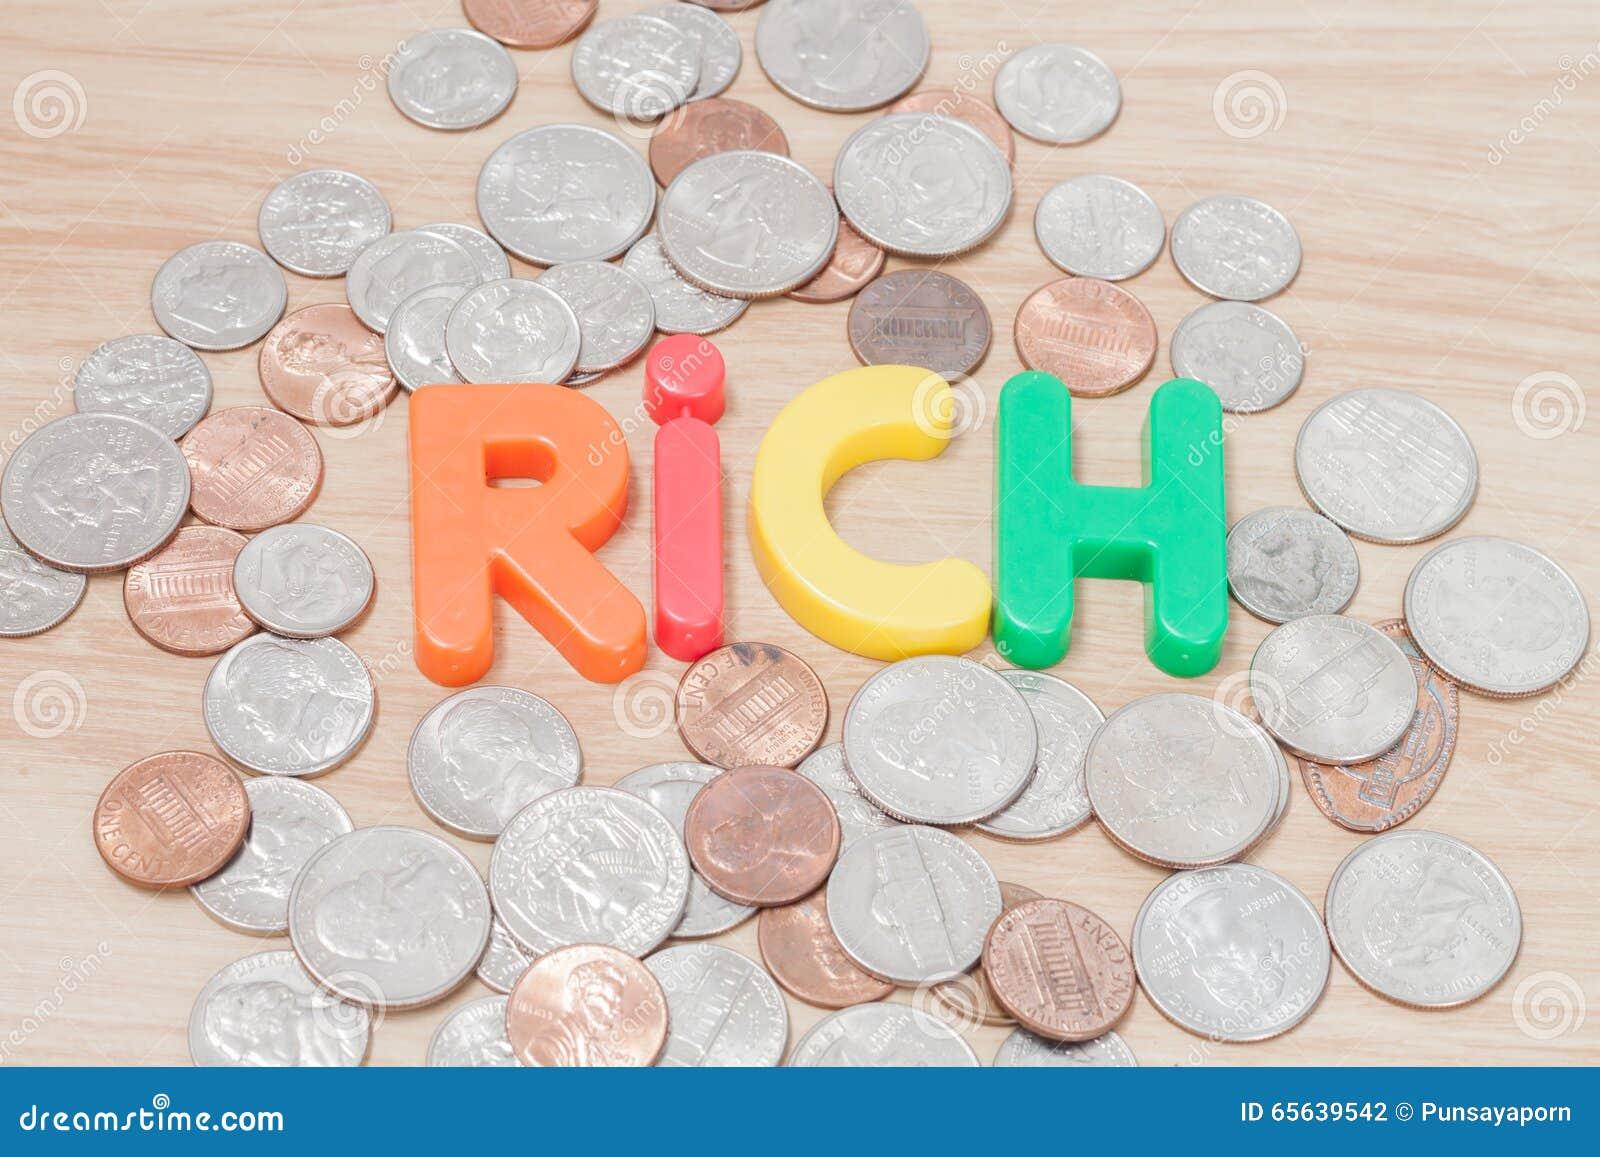 Alfabeto ricco con le varie monete degli Stati Uniti